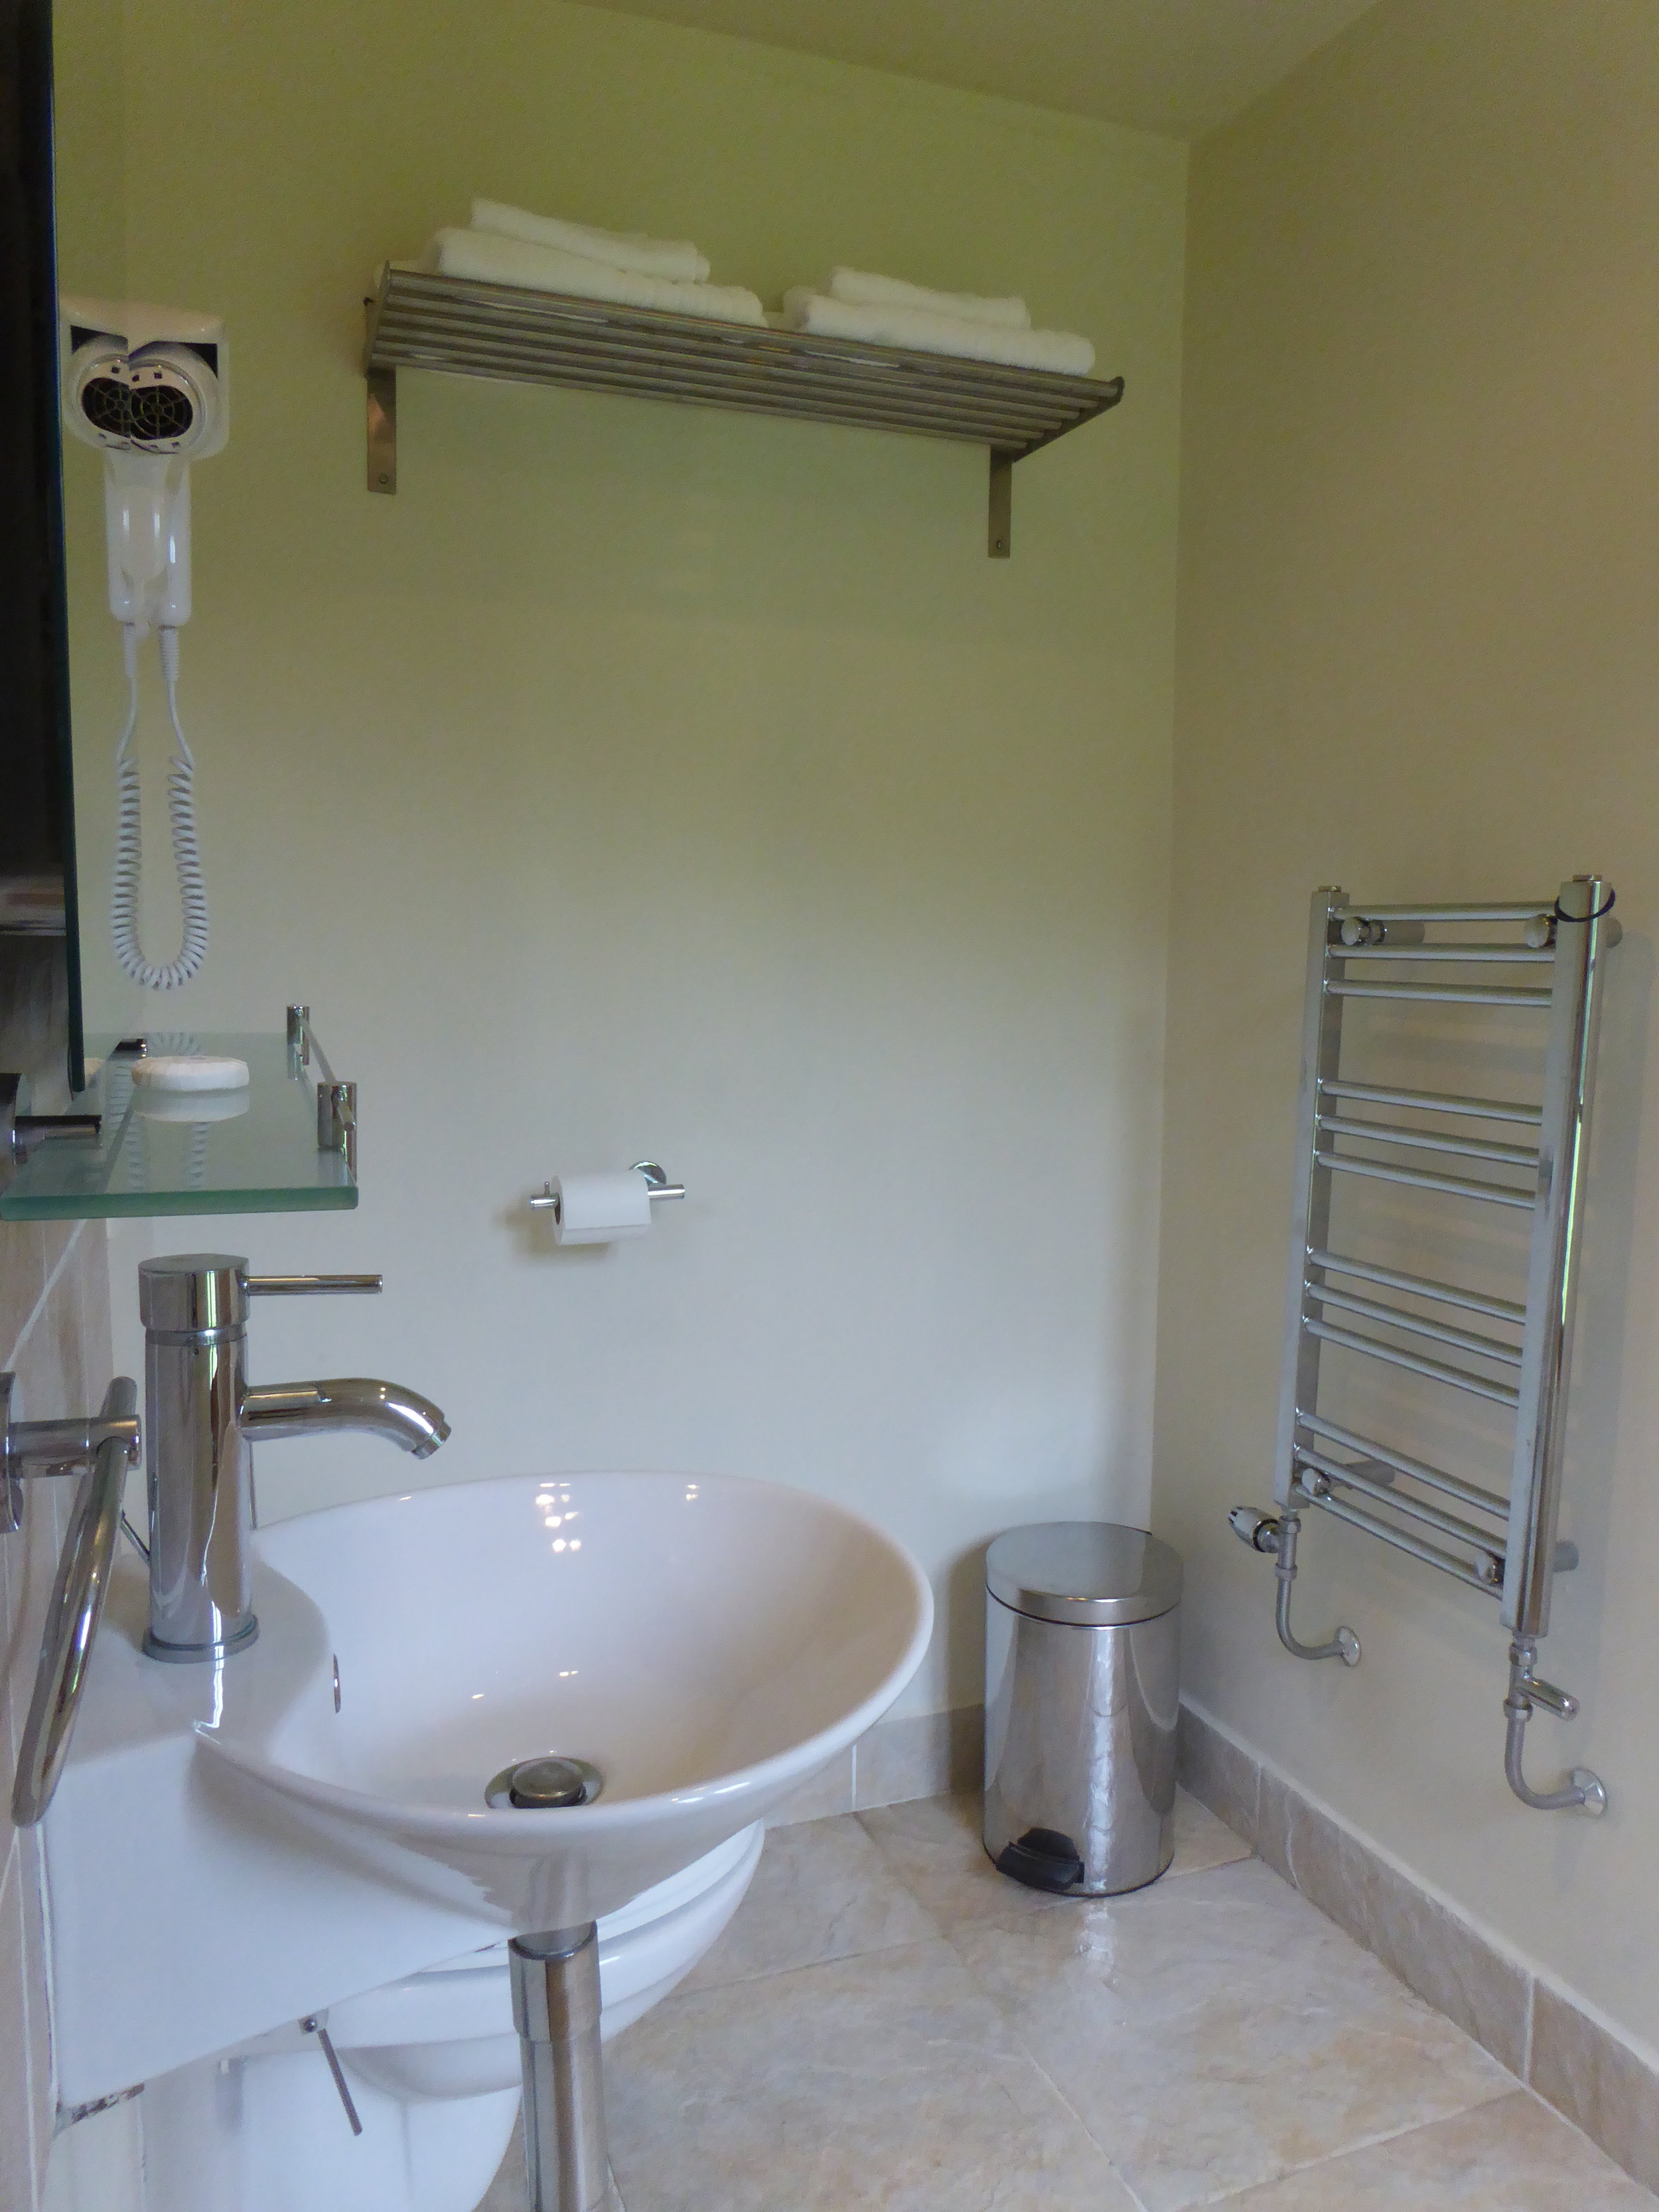 The Pastou Suite bathroom